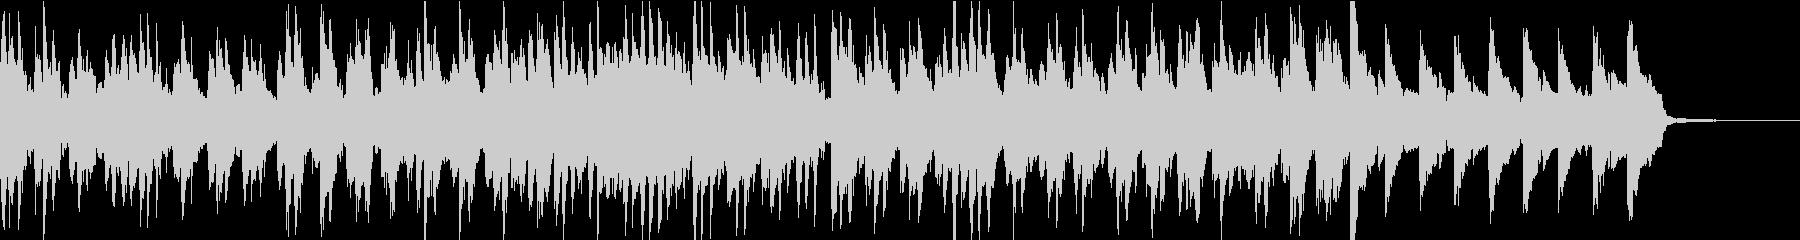 ゆったりしたかわいい日常の曲の未再生の波形